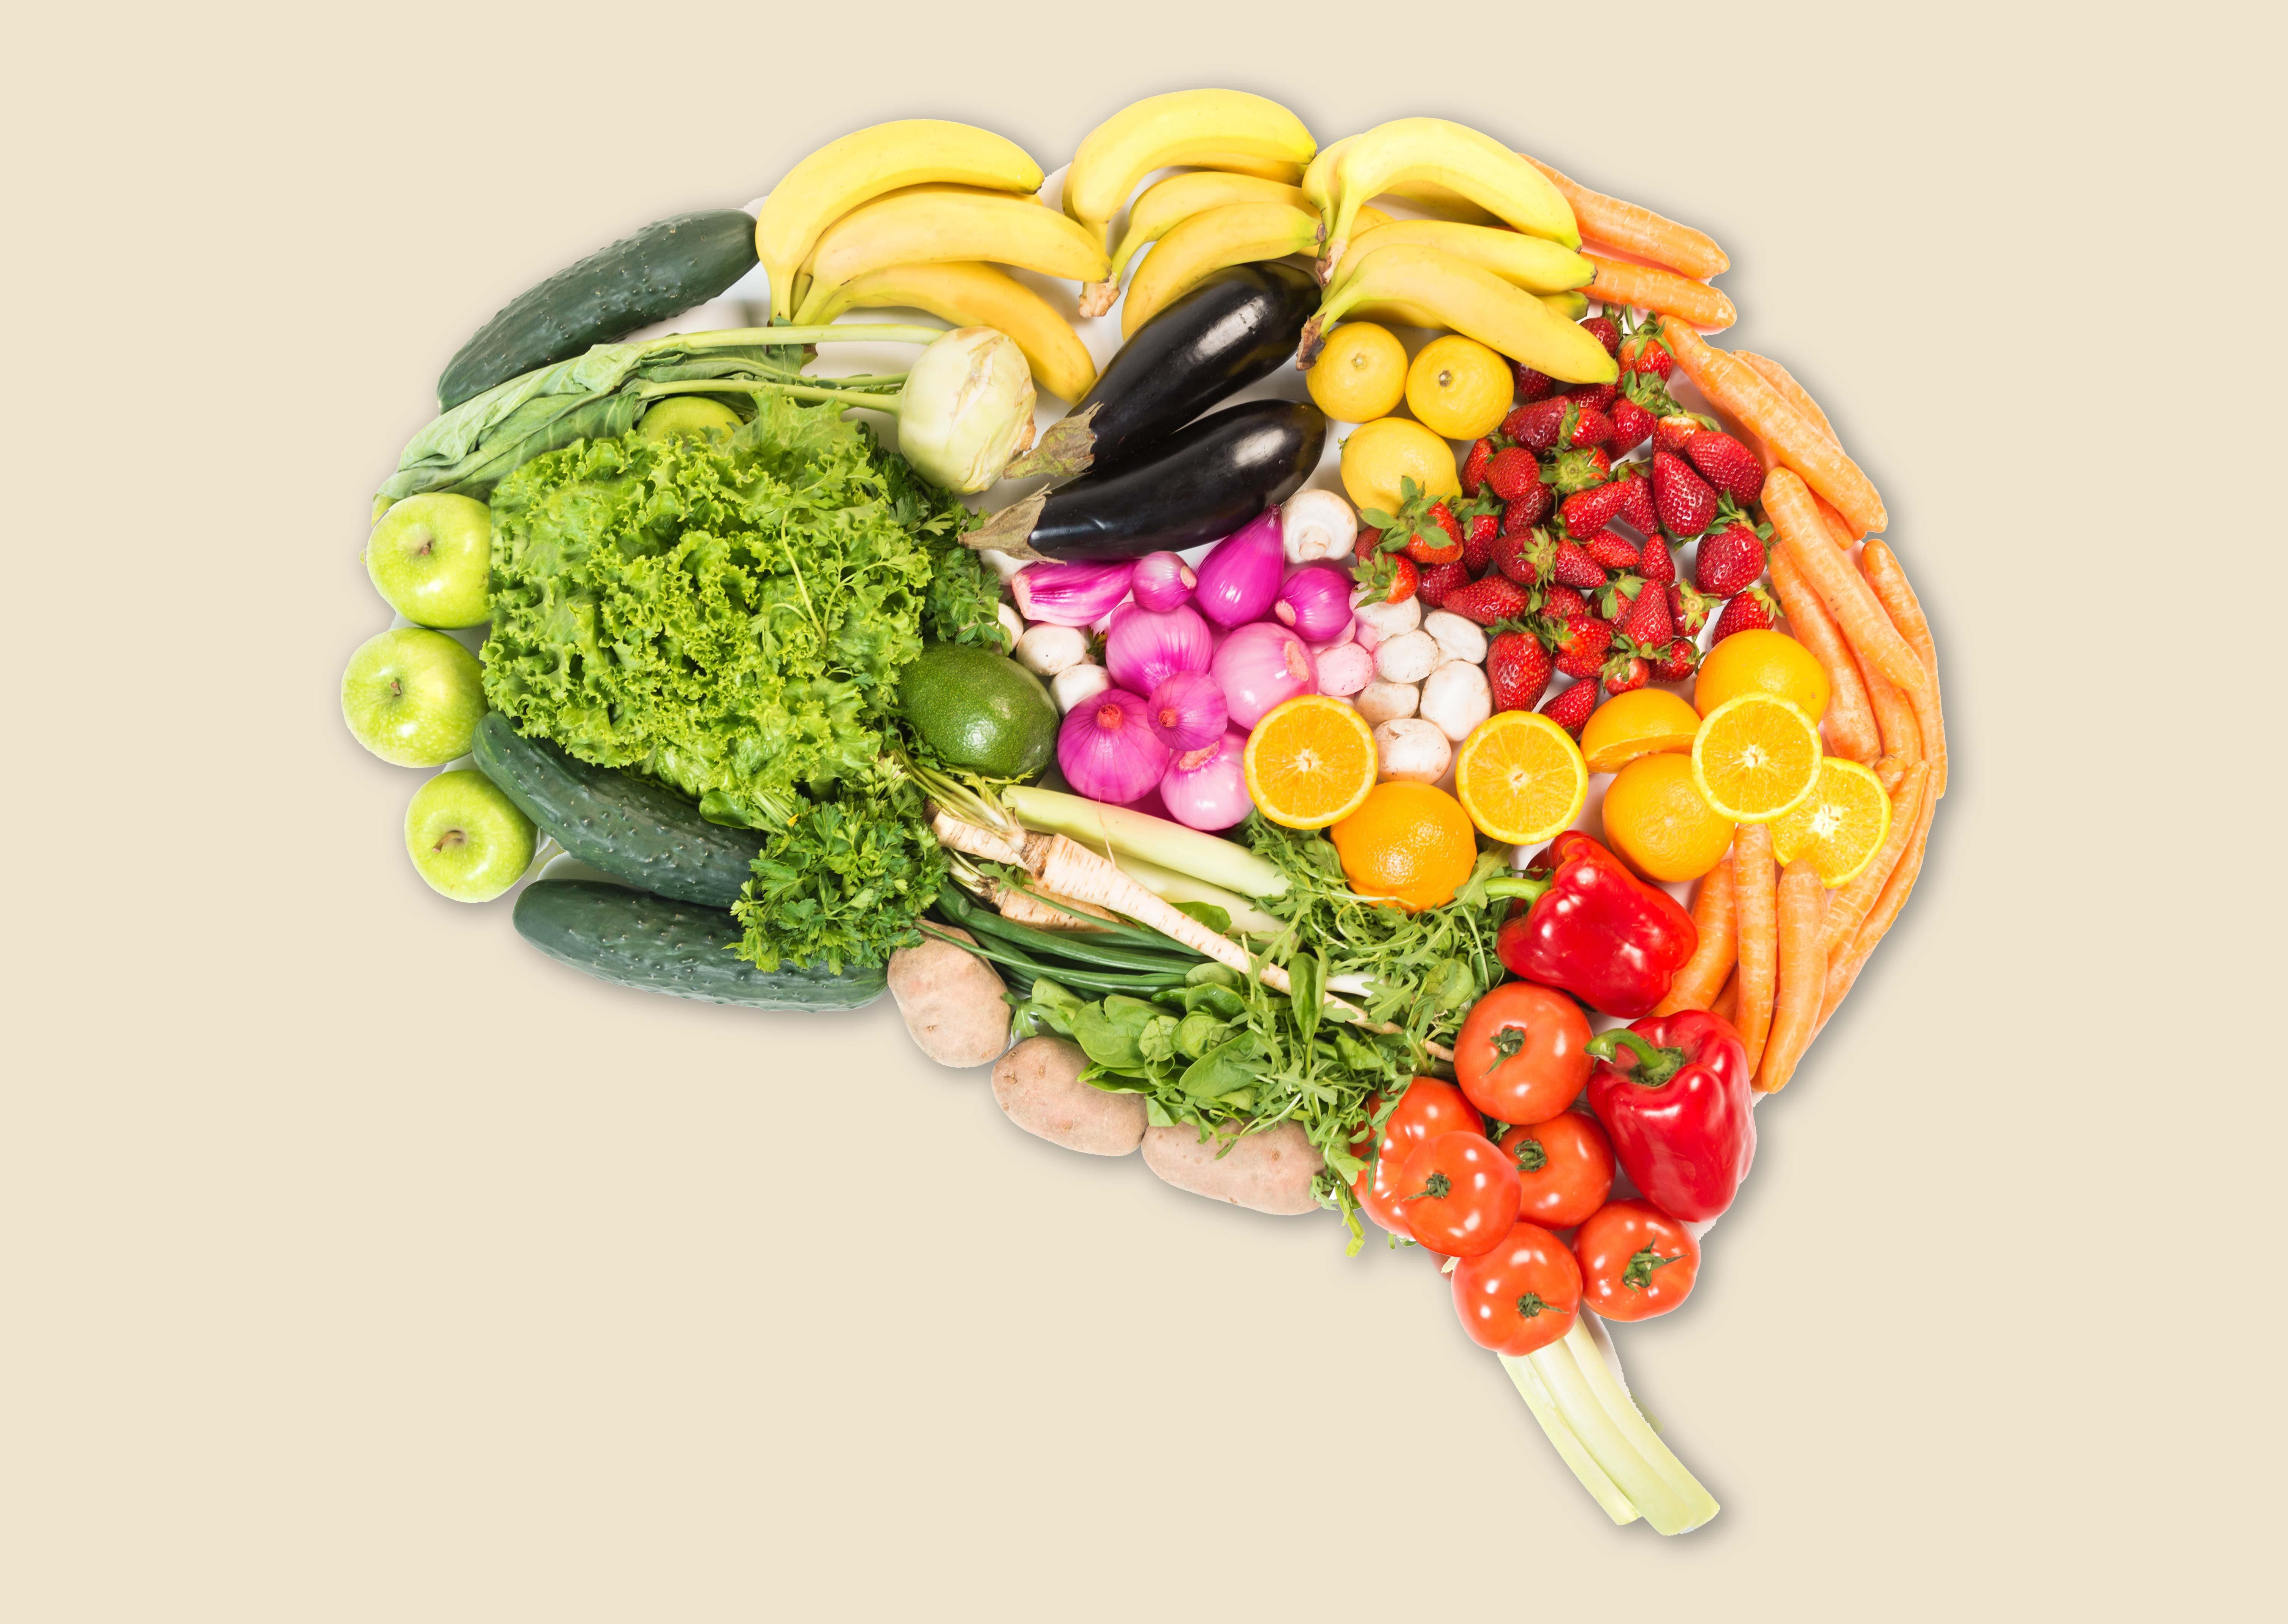 你的大脑是在这的大脑里